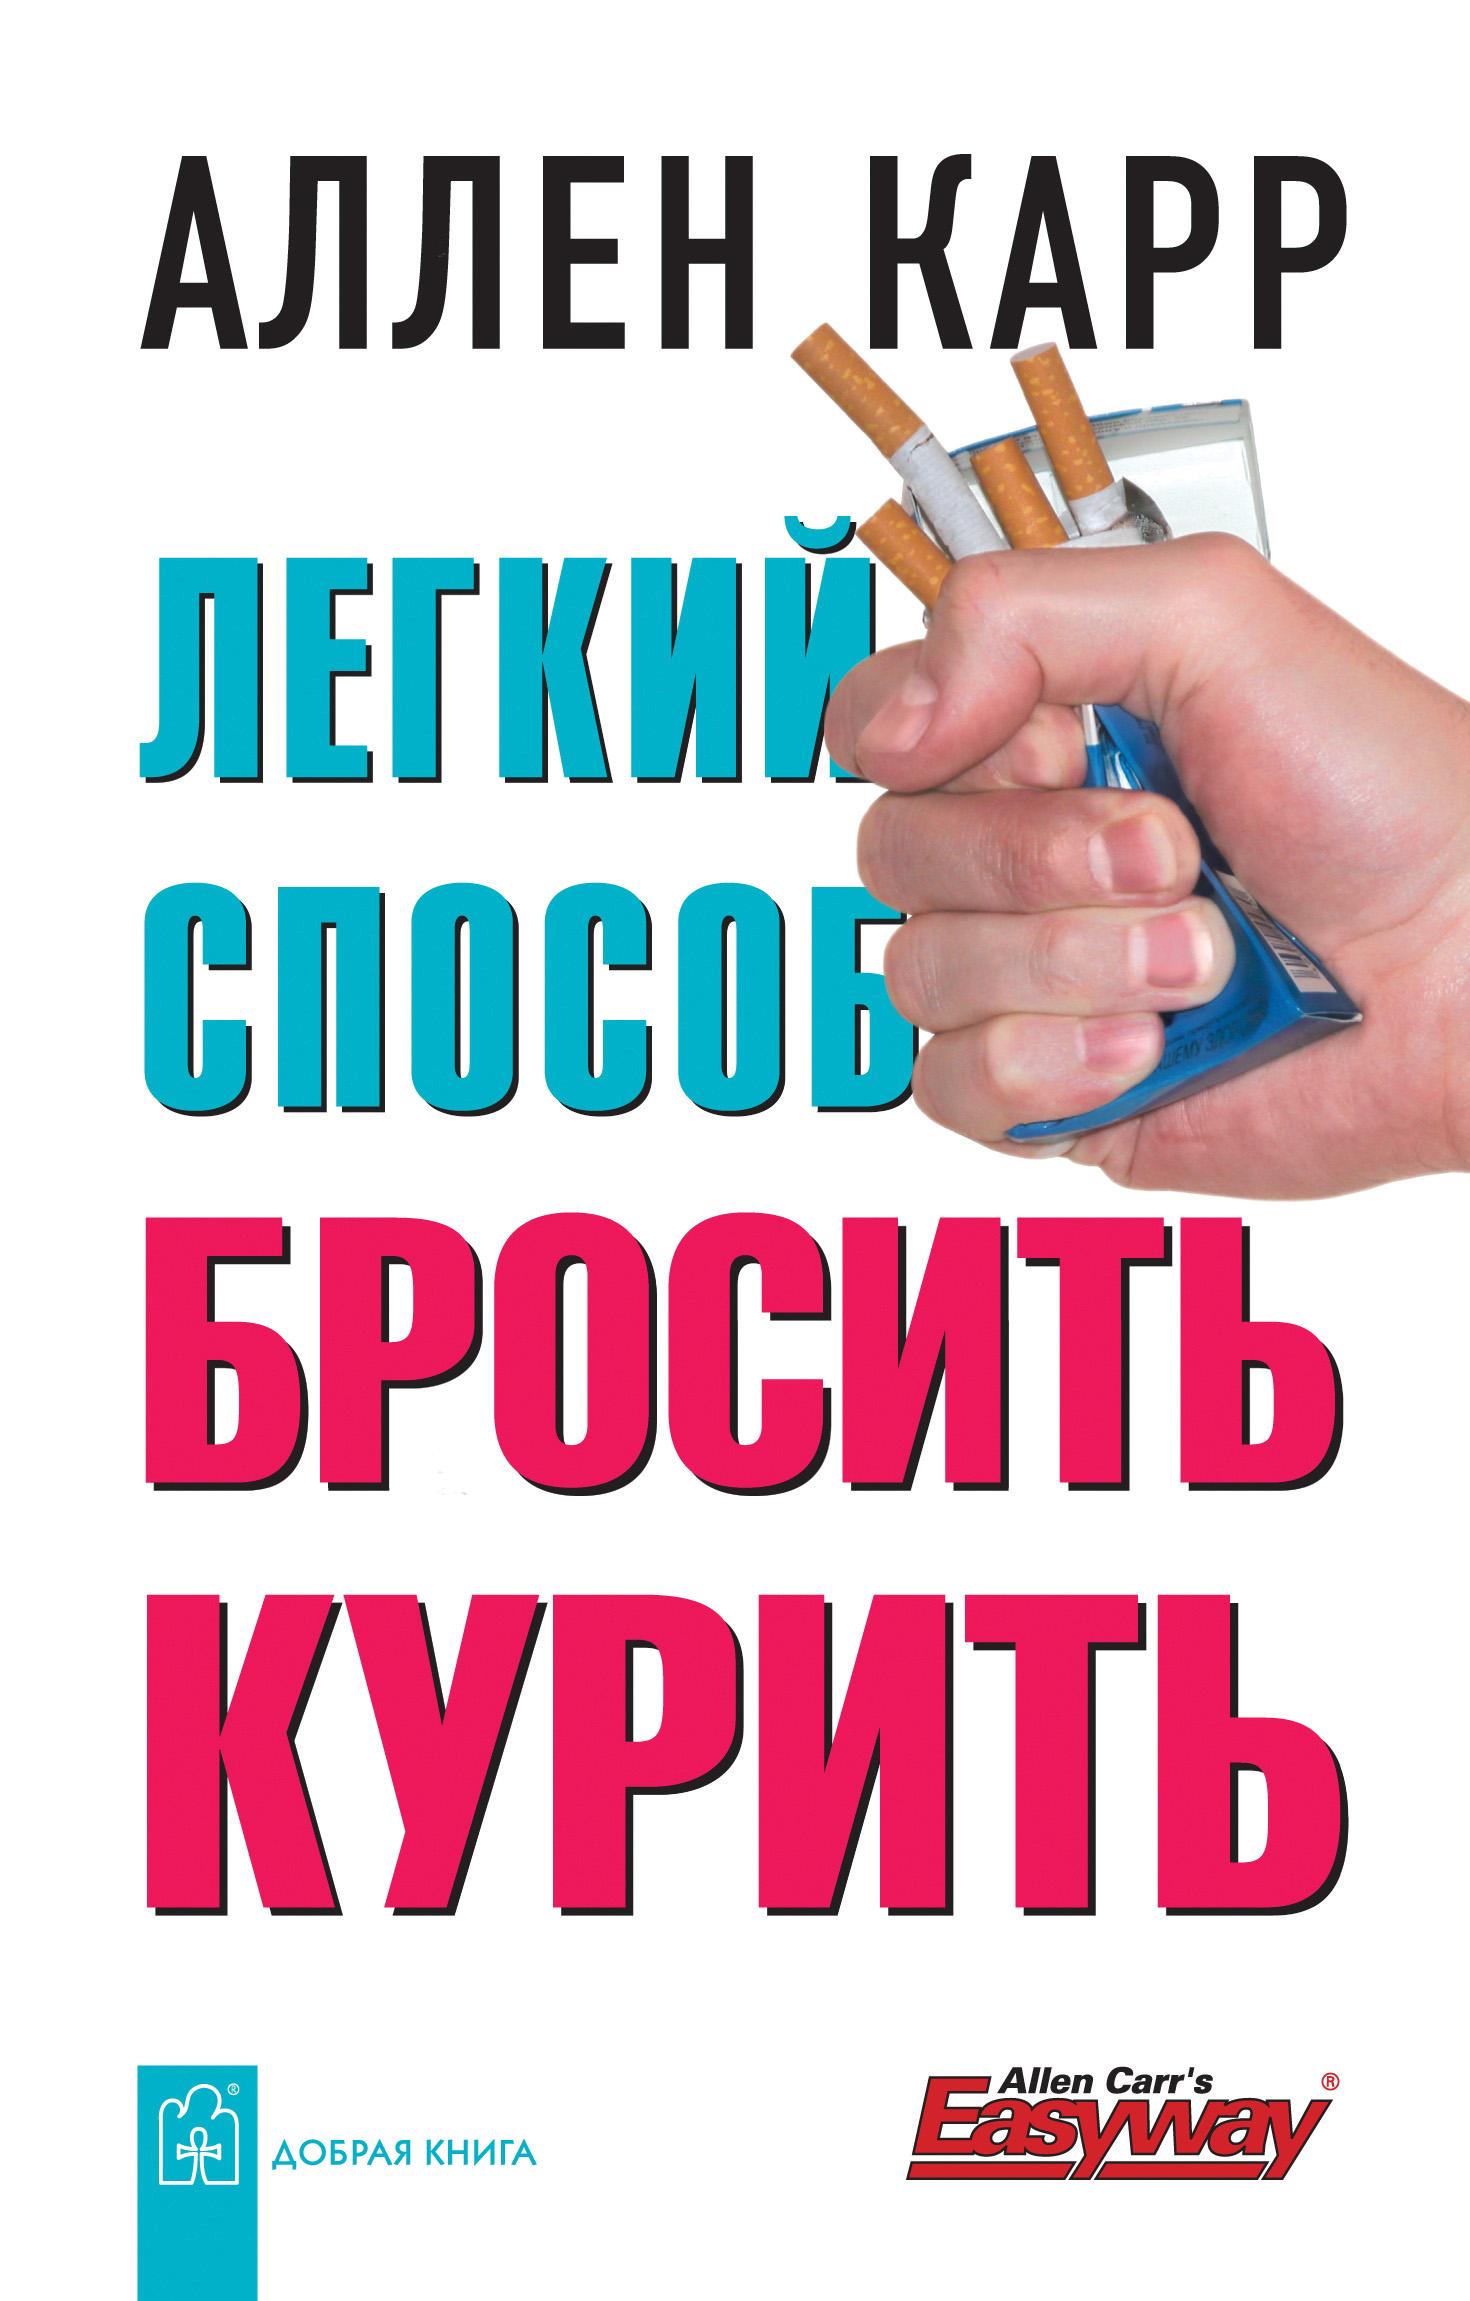 Аллен Карр Легкий способ бросить курить борис карлов интеллектуальный метод перестать курить табак